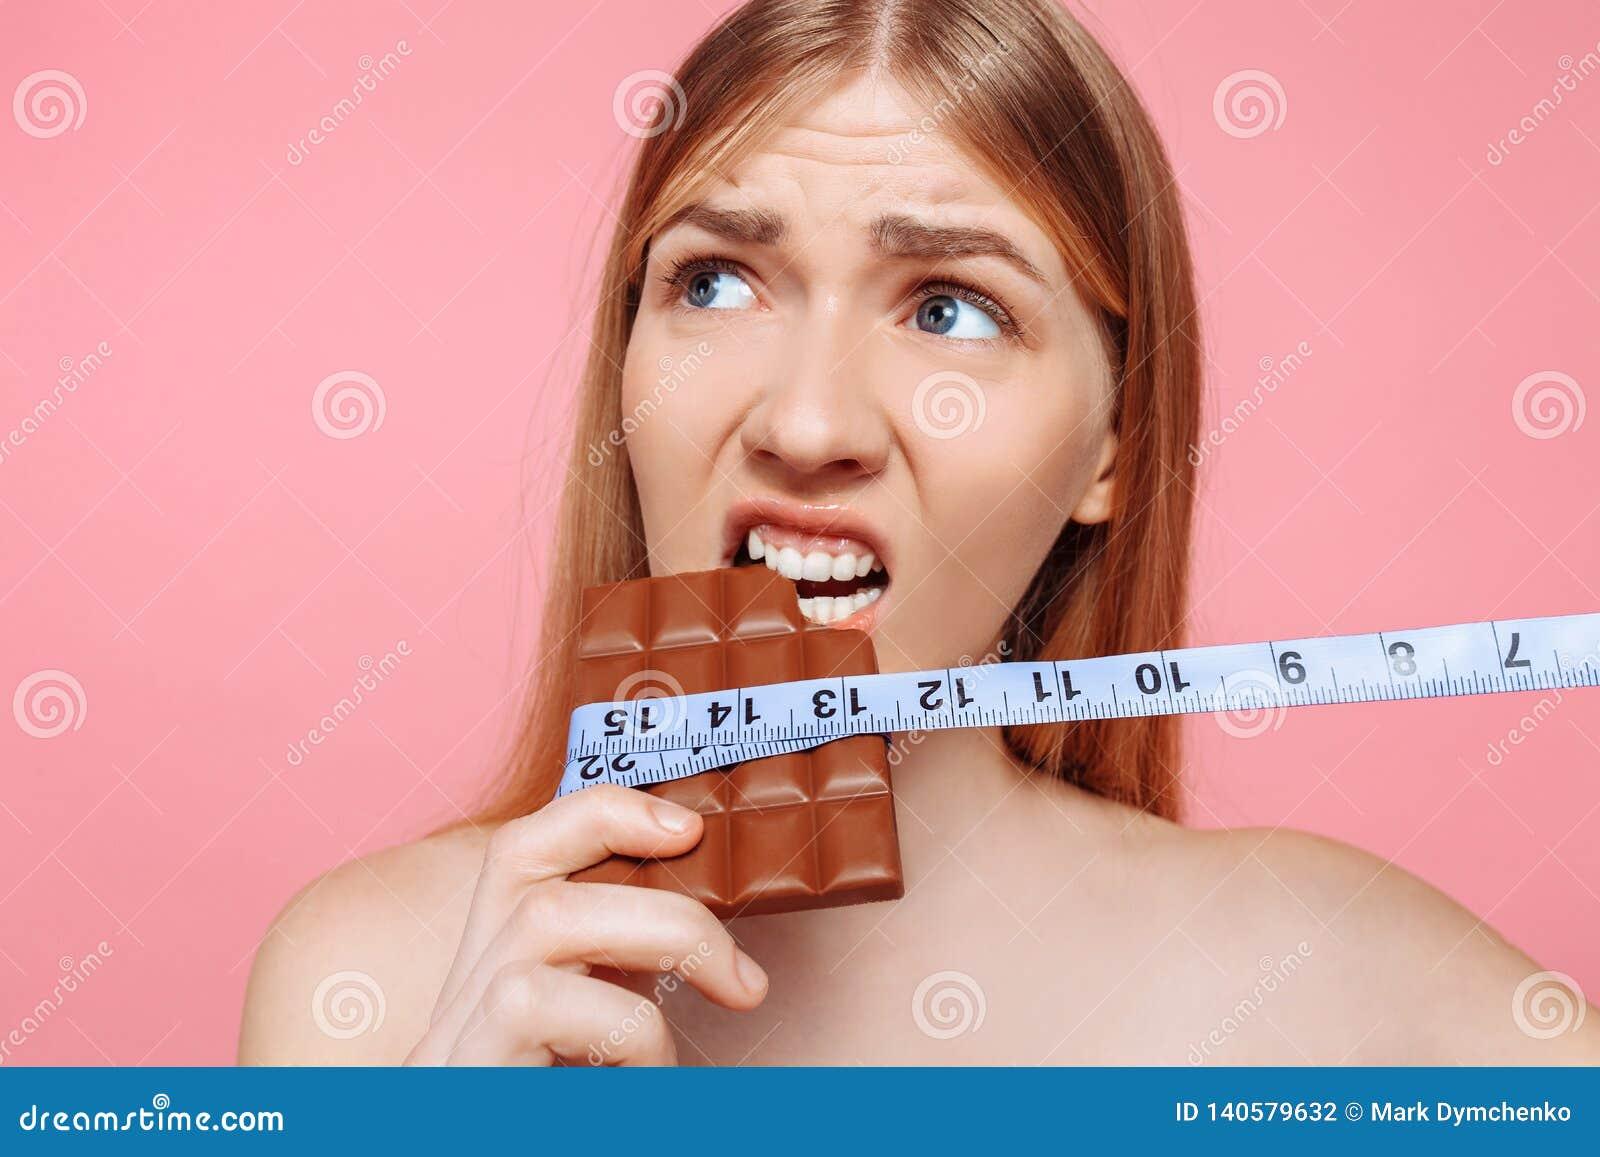 Porträt eines nachdenklichen Mädchens, das eine Schokolade eingewickelt mit einem Maßband auf einem rosa Hintergrund beißt